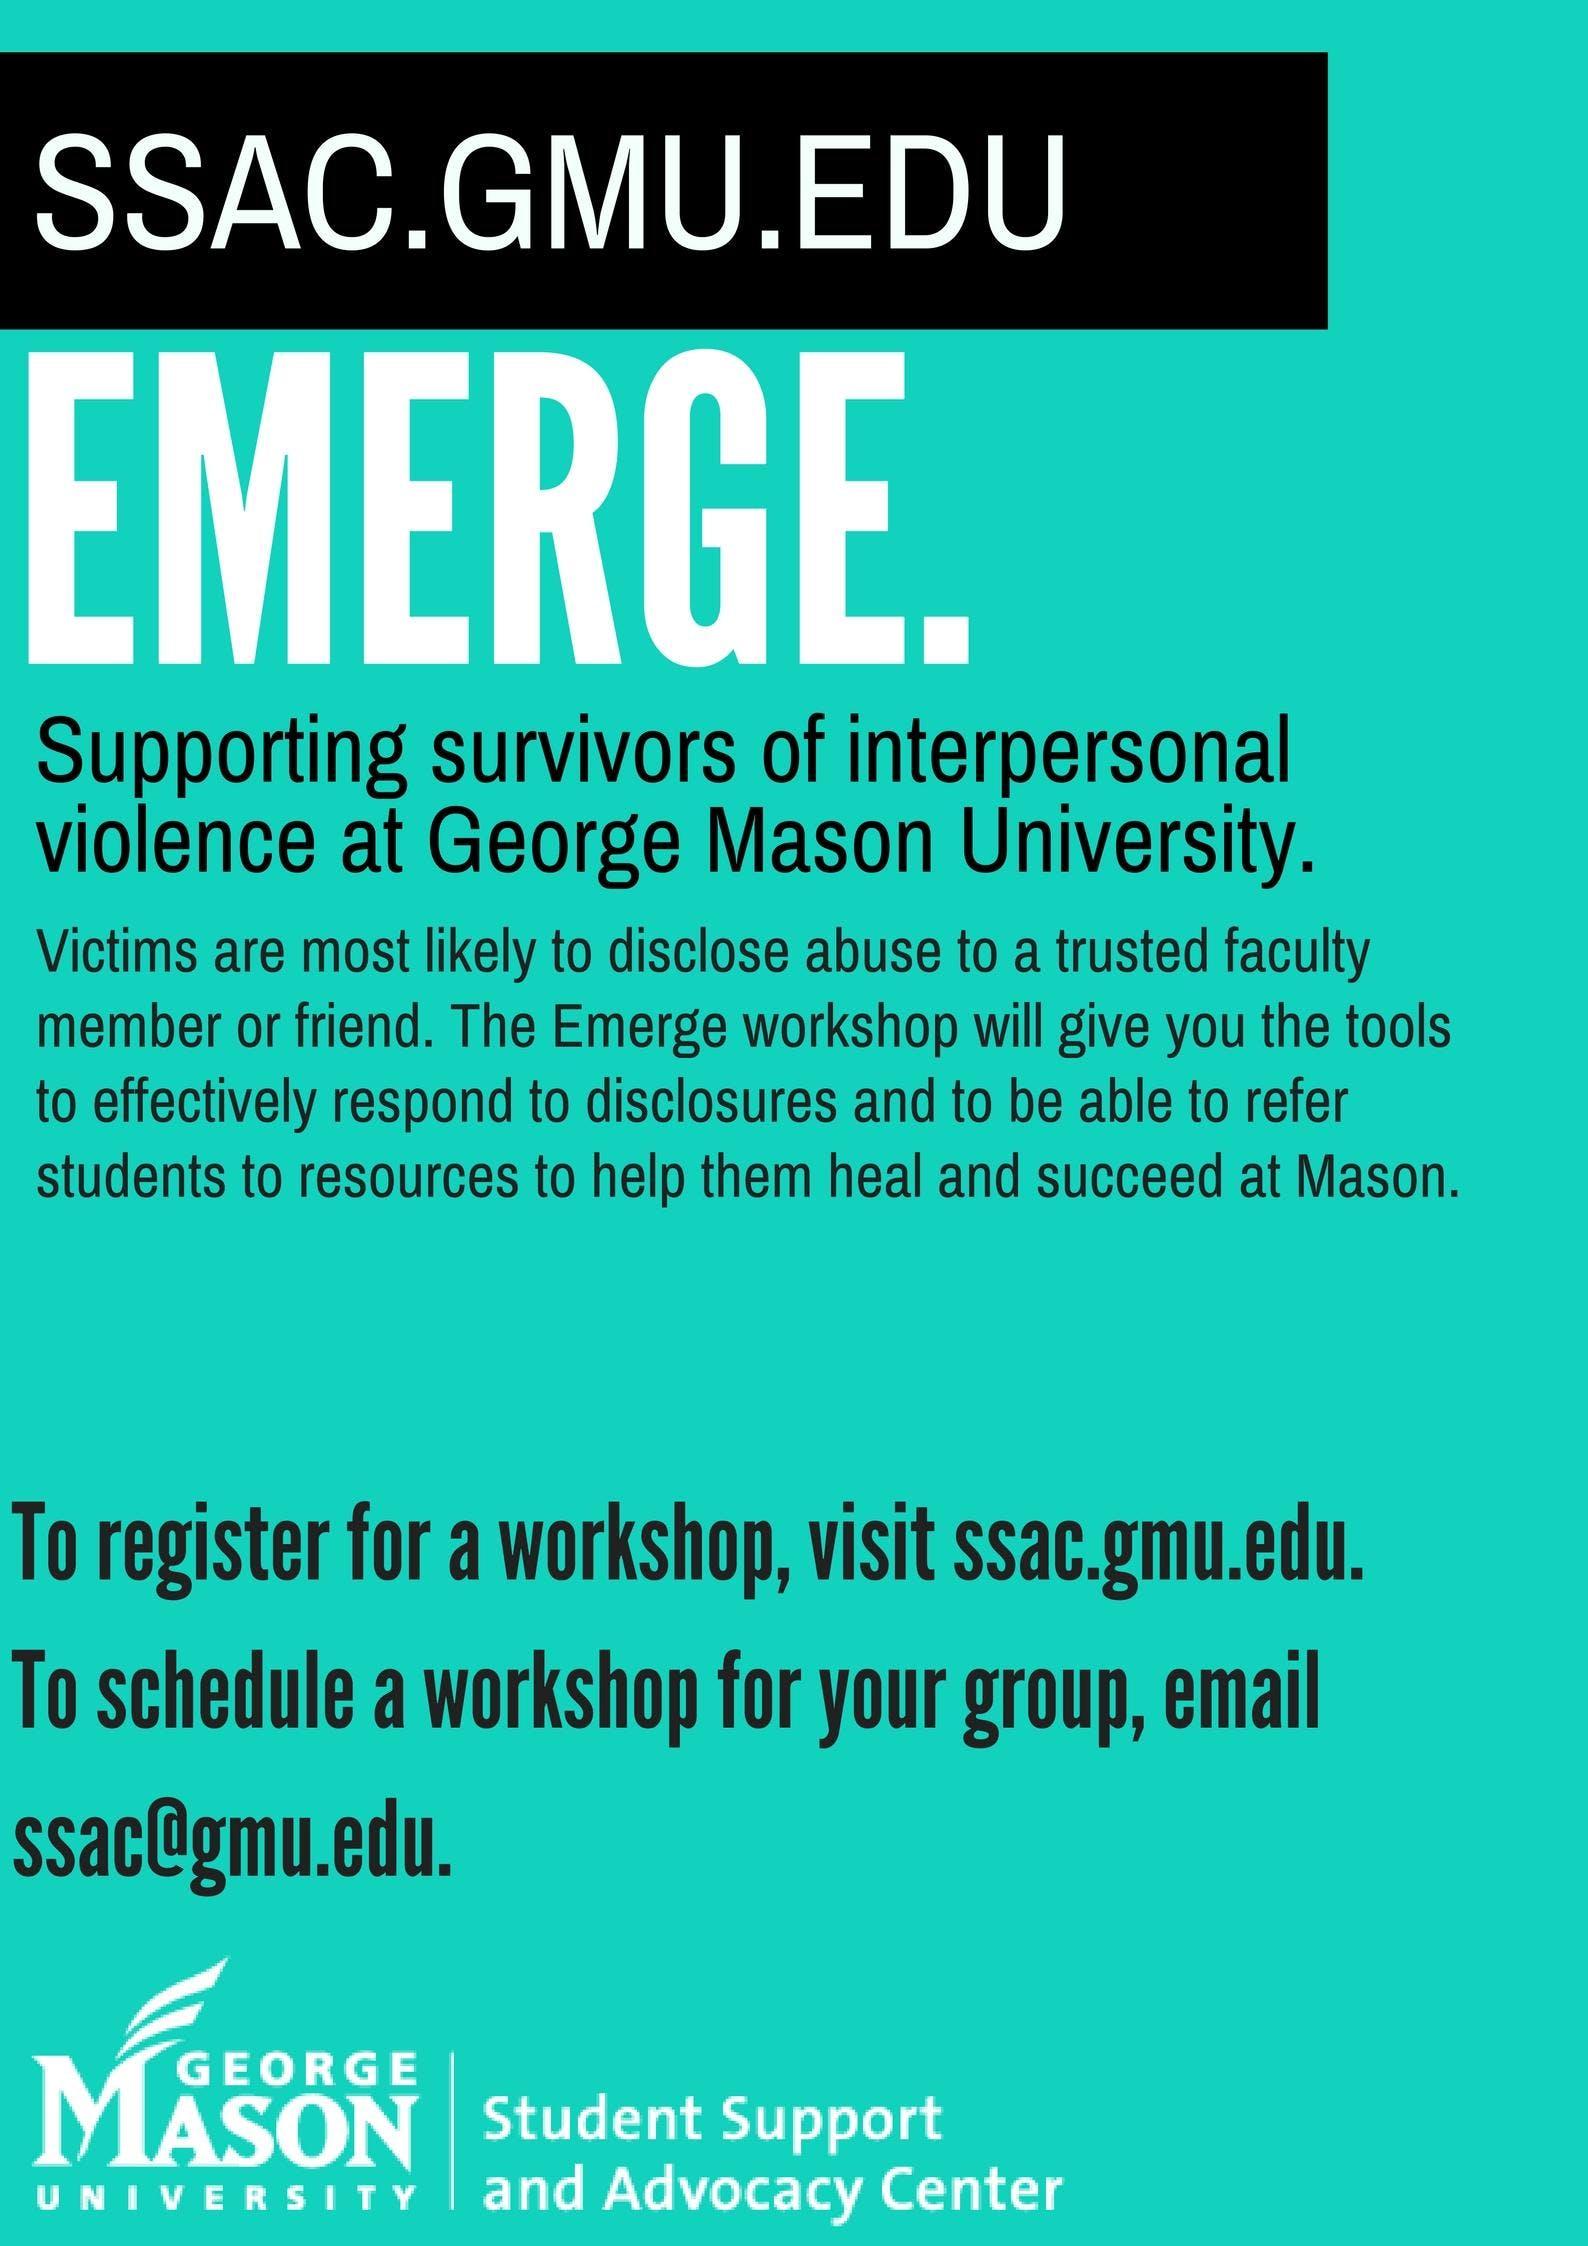 Emerge Faculty & Staff Survivor Resource Trai